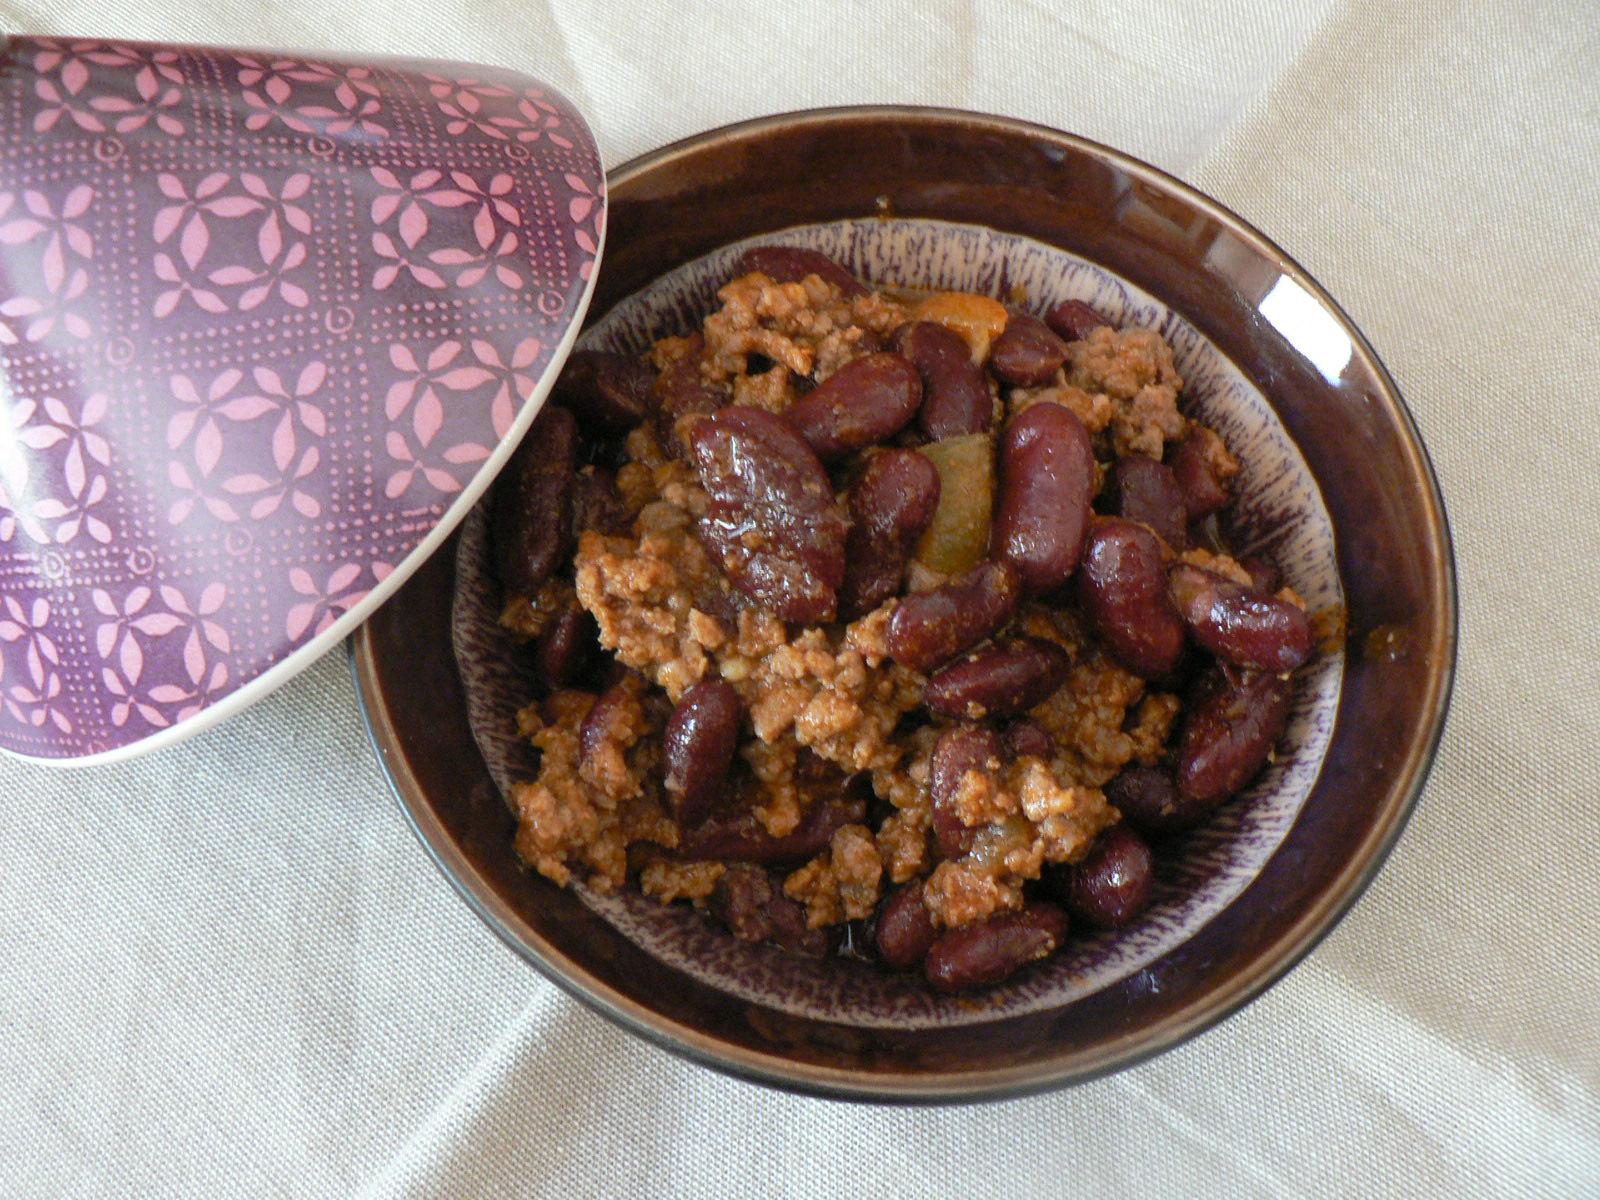 Chili con carne facile et rapide blogs de cuisine - Marmiton chili con carne ...